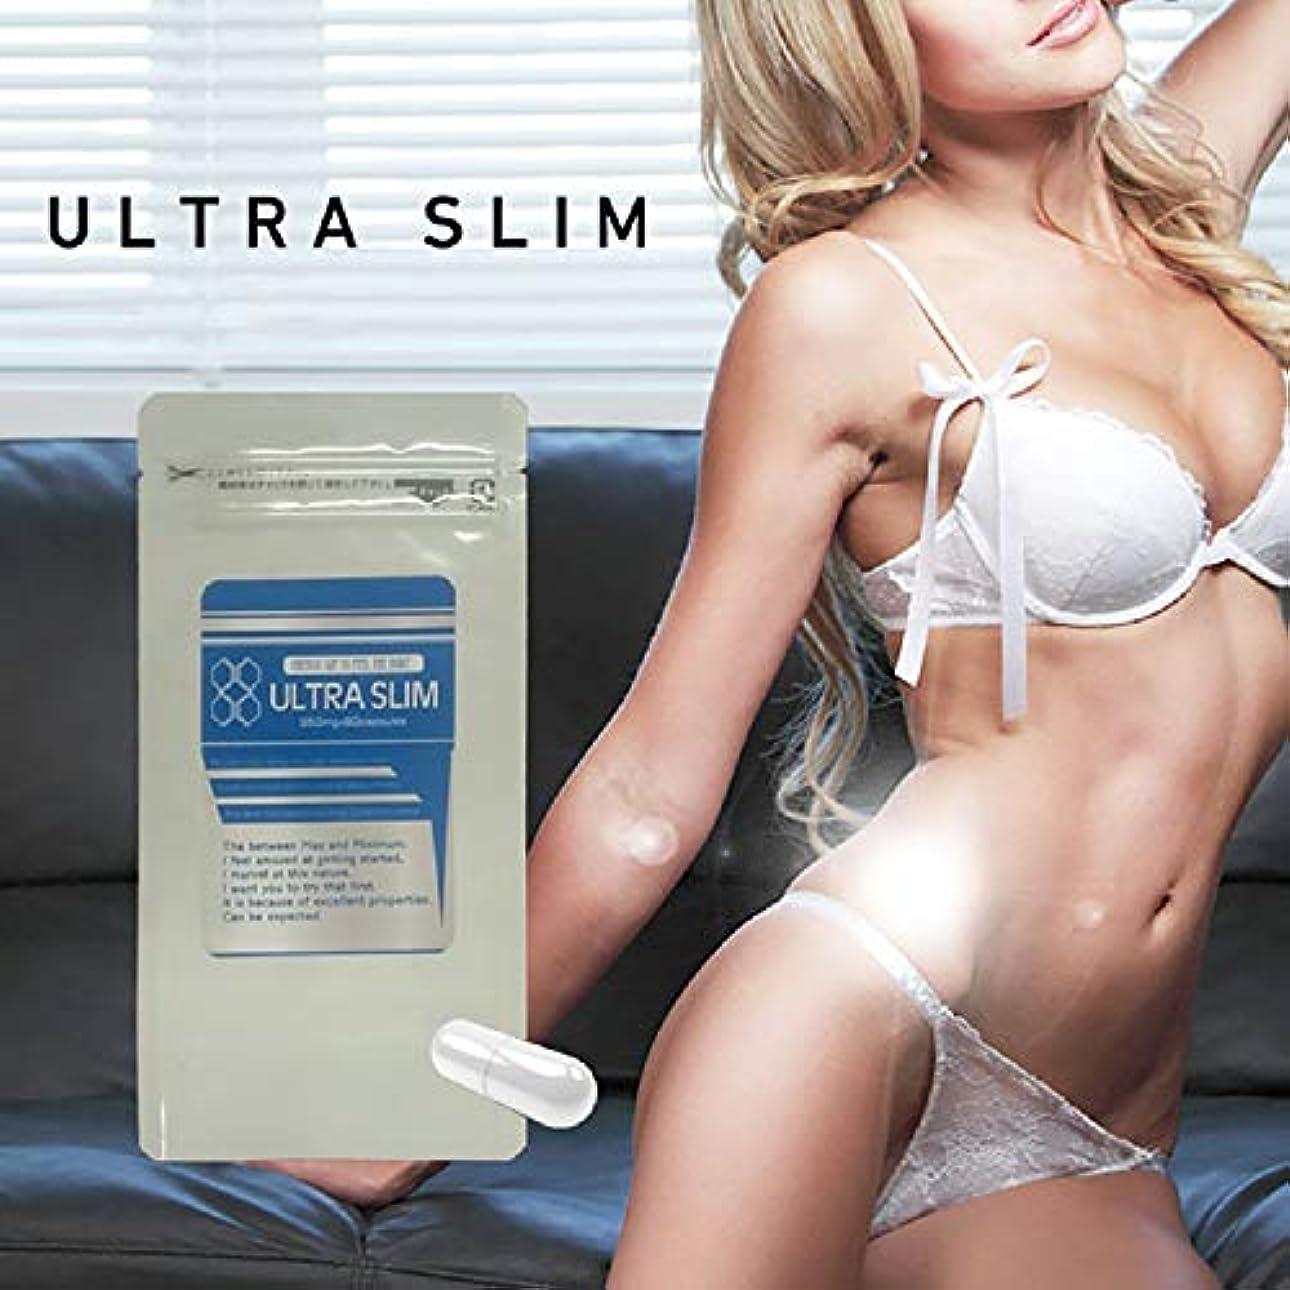 雑品思いつく人工ウルトラスリム 1個プレゼント 3個セット+1個 合計4個 URTLA SLIM 送料無料 ダイエット サプリメント サプリ